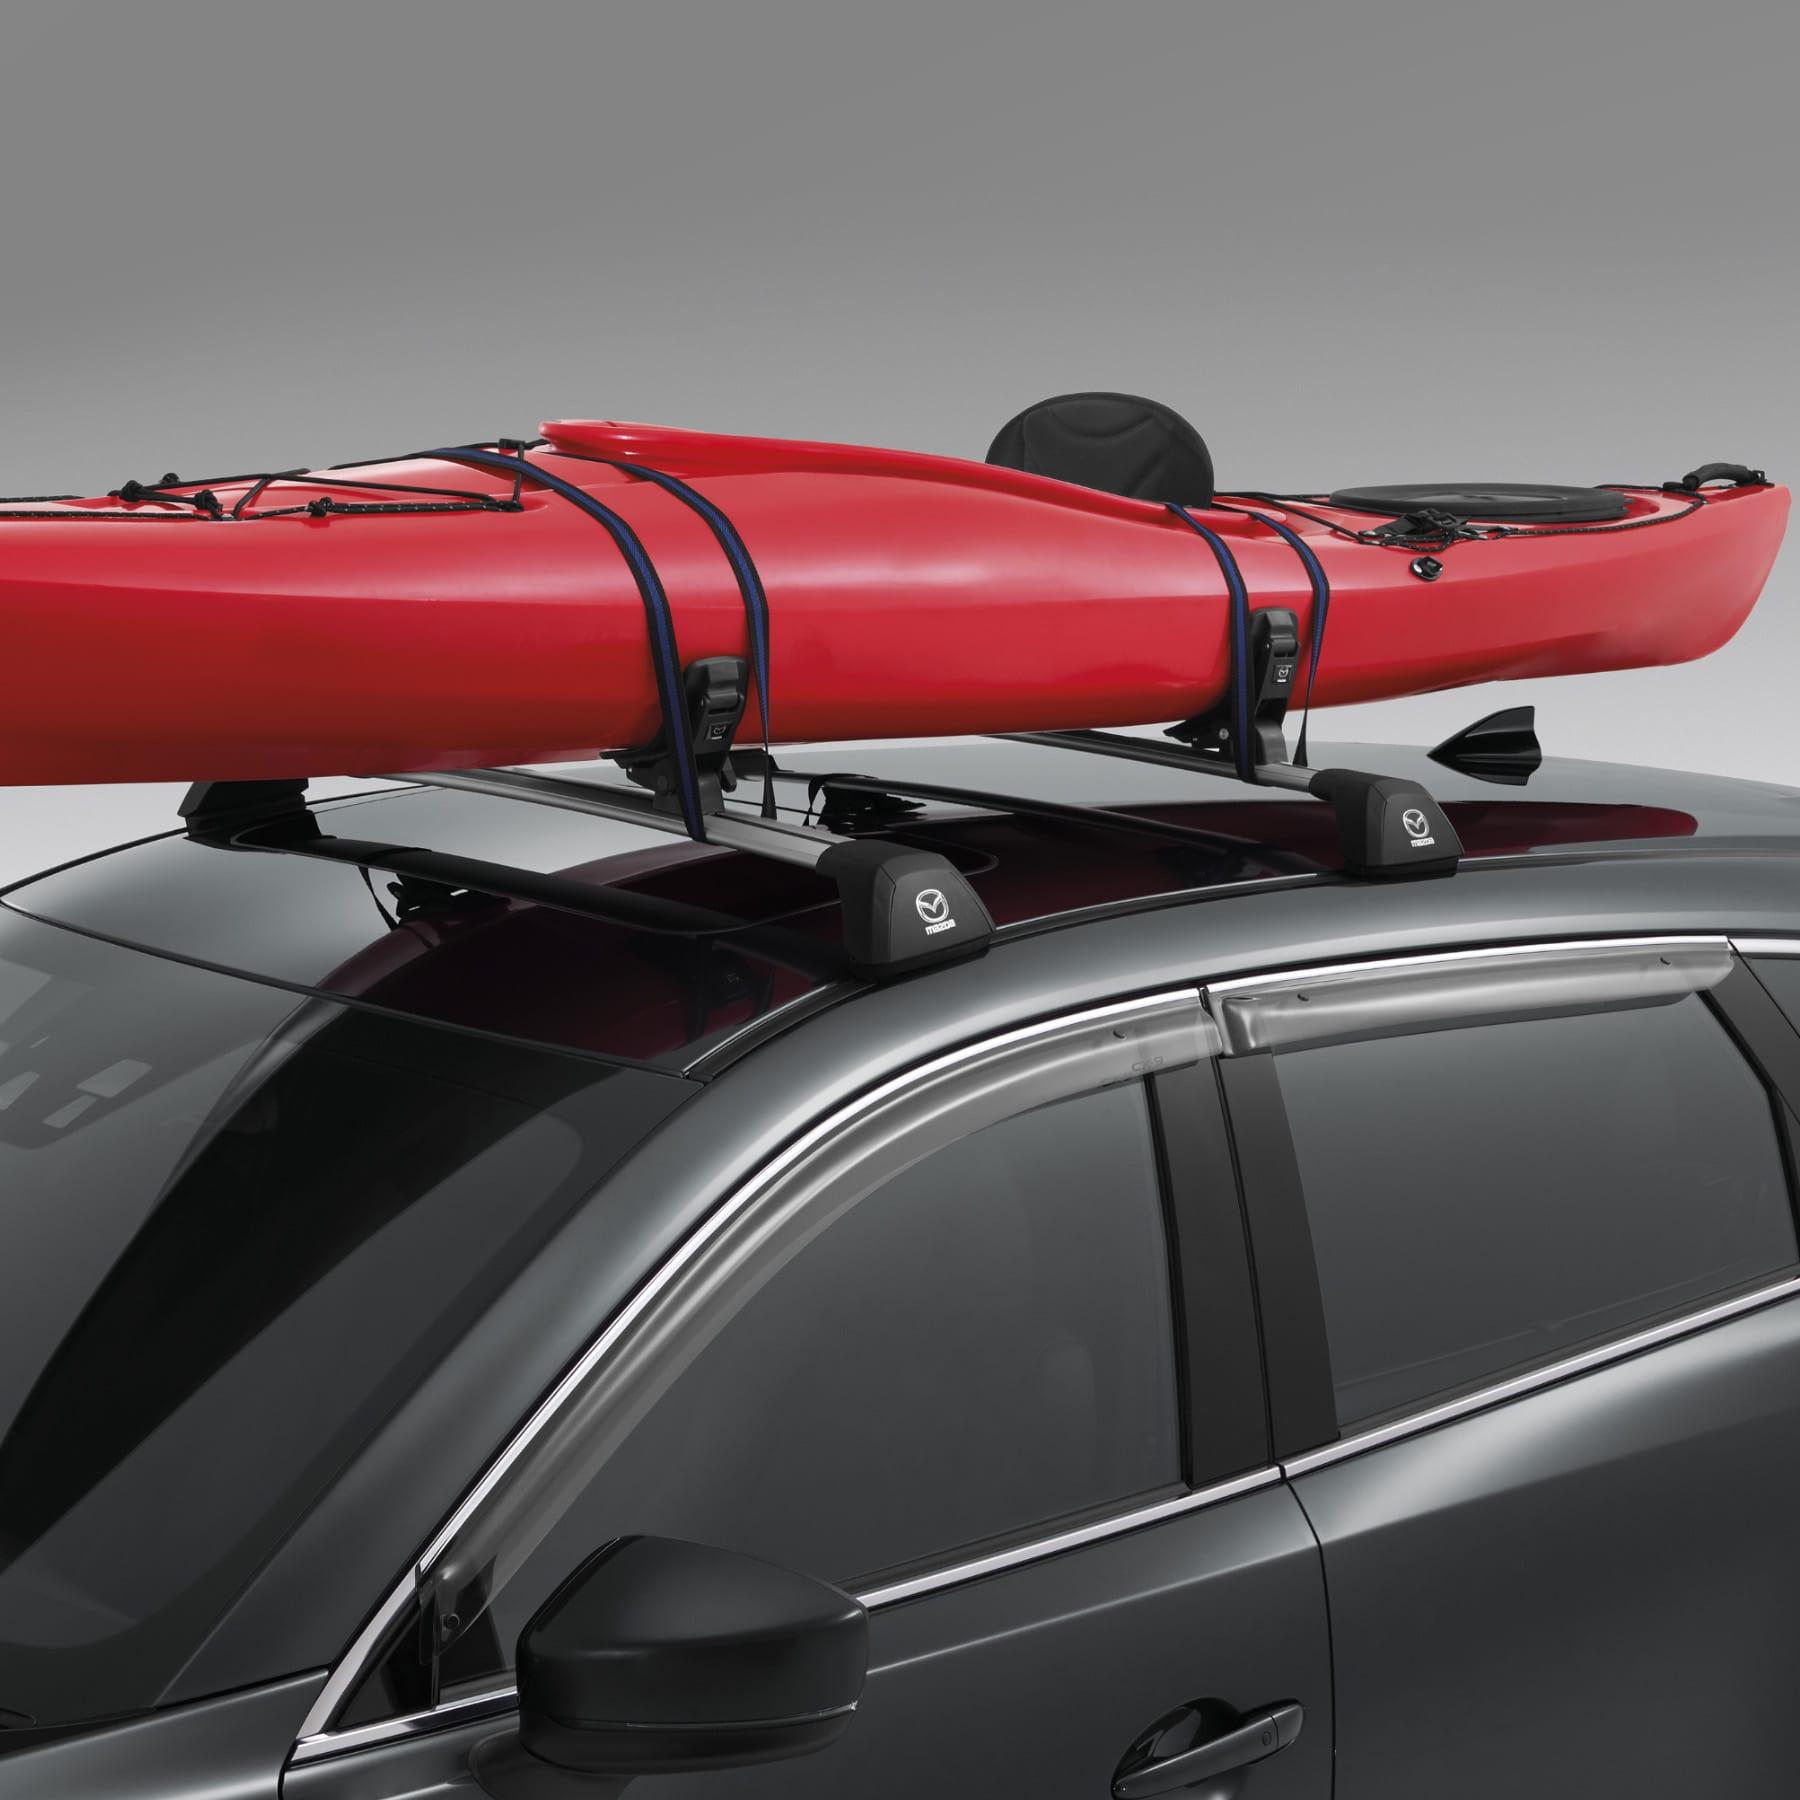 Kayak Holder